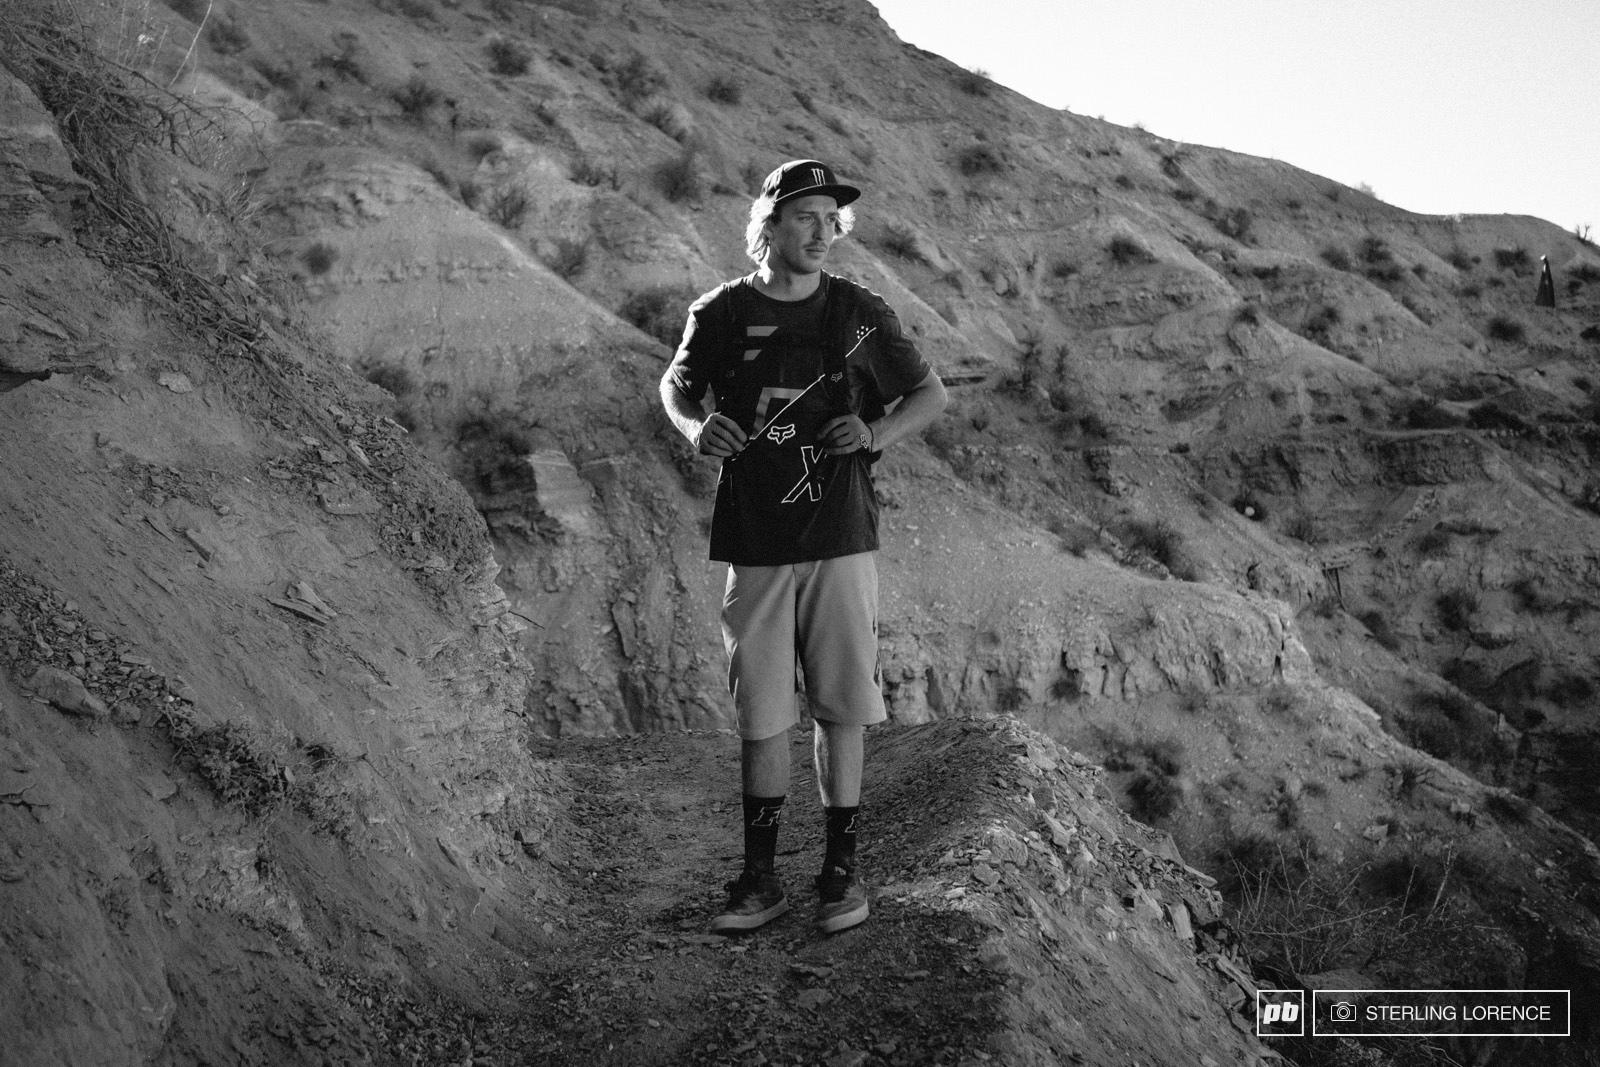 Brett Rheeder at RedBull Rampage 2014